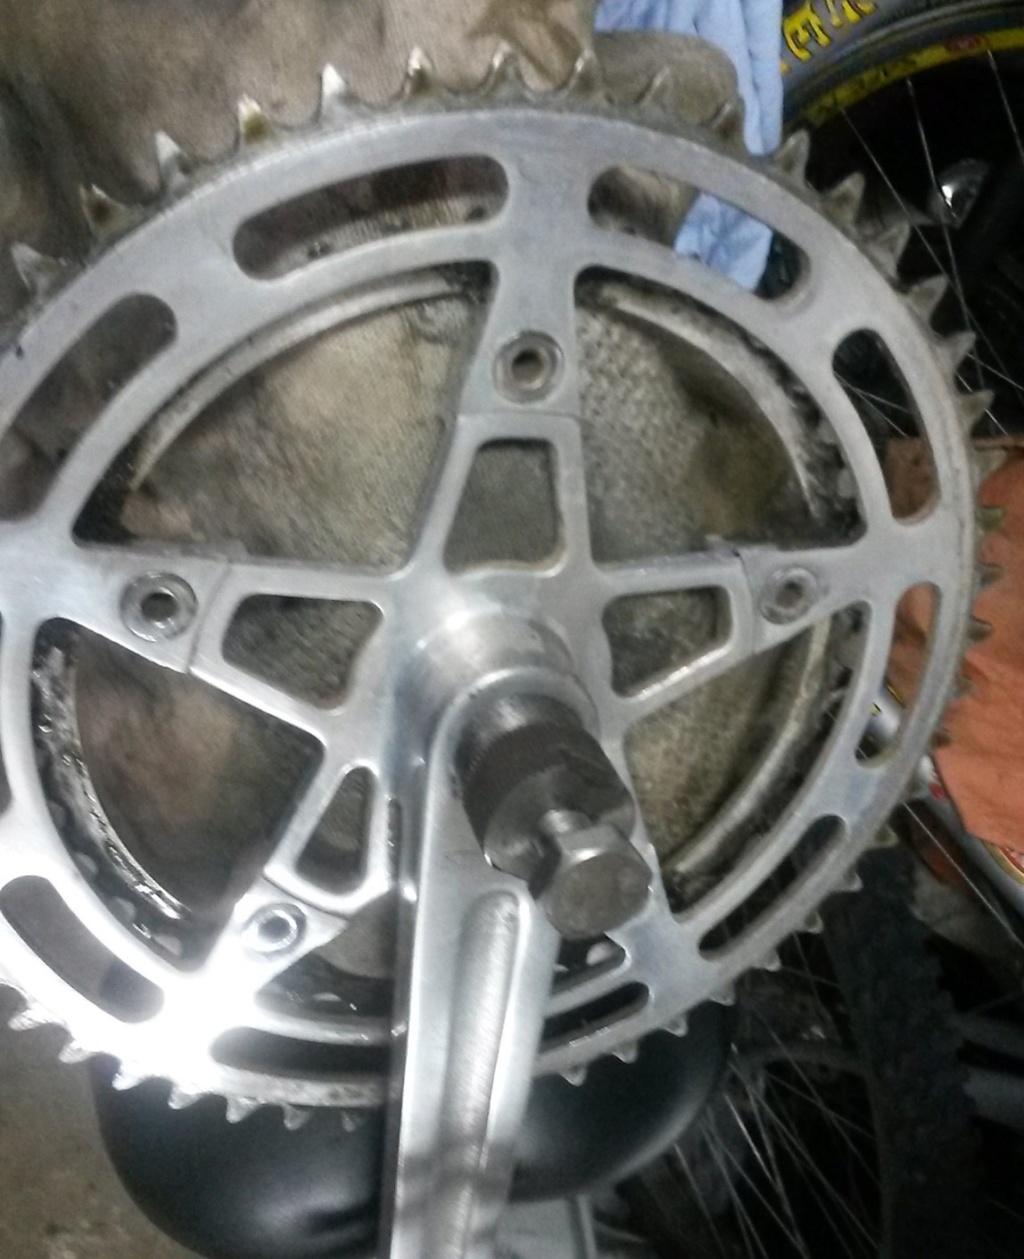 vélo de course a raccord NERVEX 1970 -75 01327